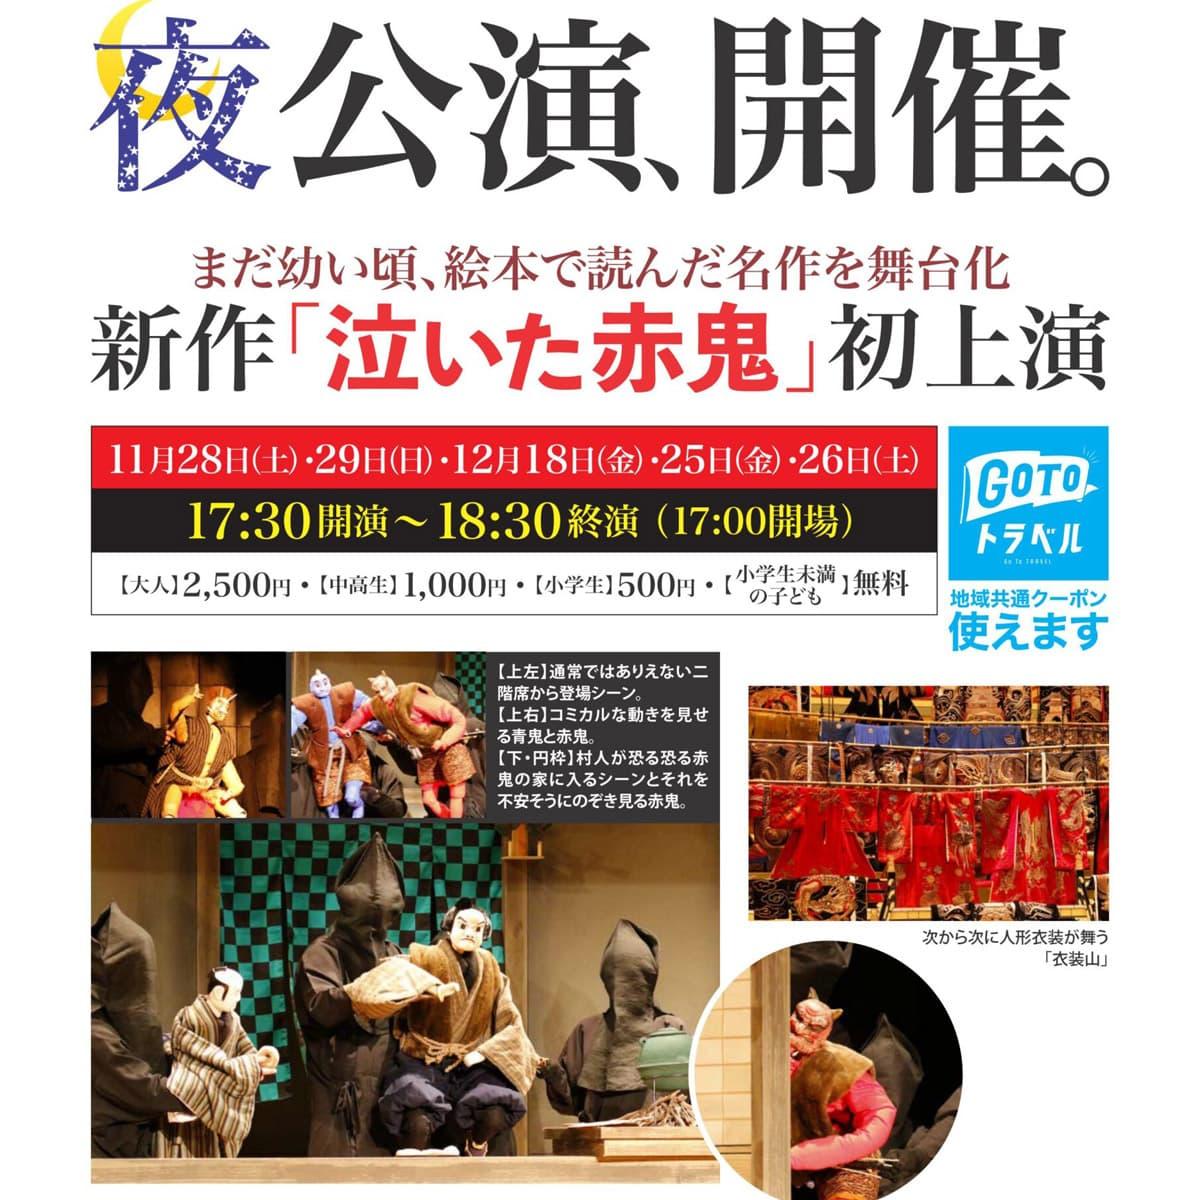 絵本「泣いた鬼」初上演 淡路人形座